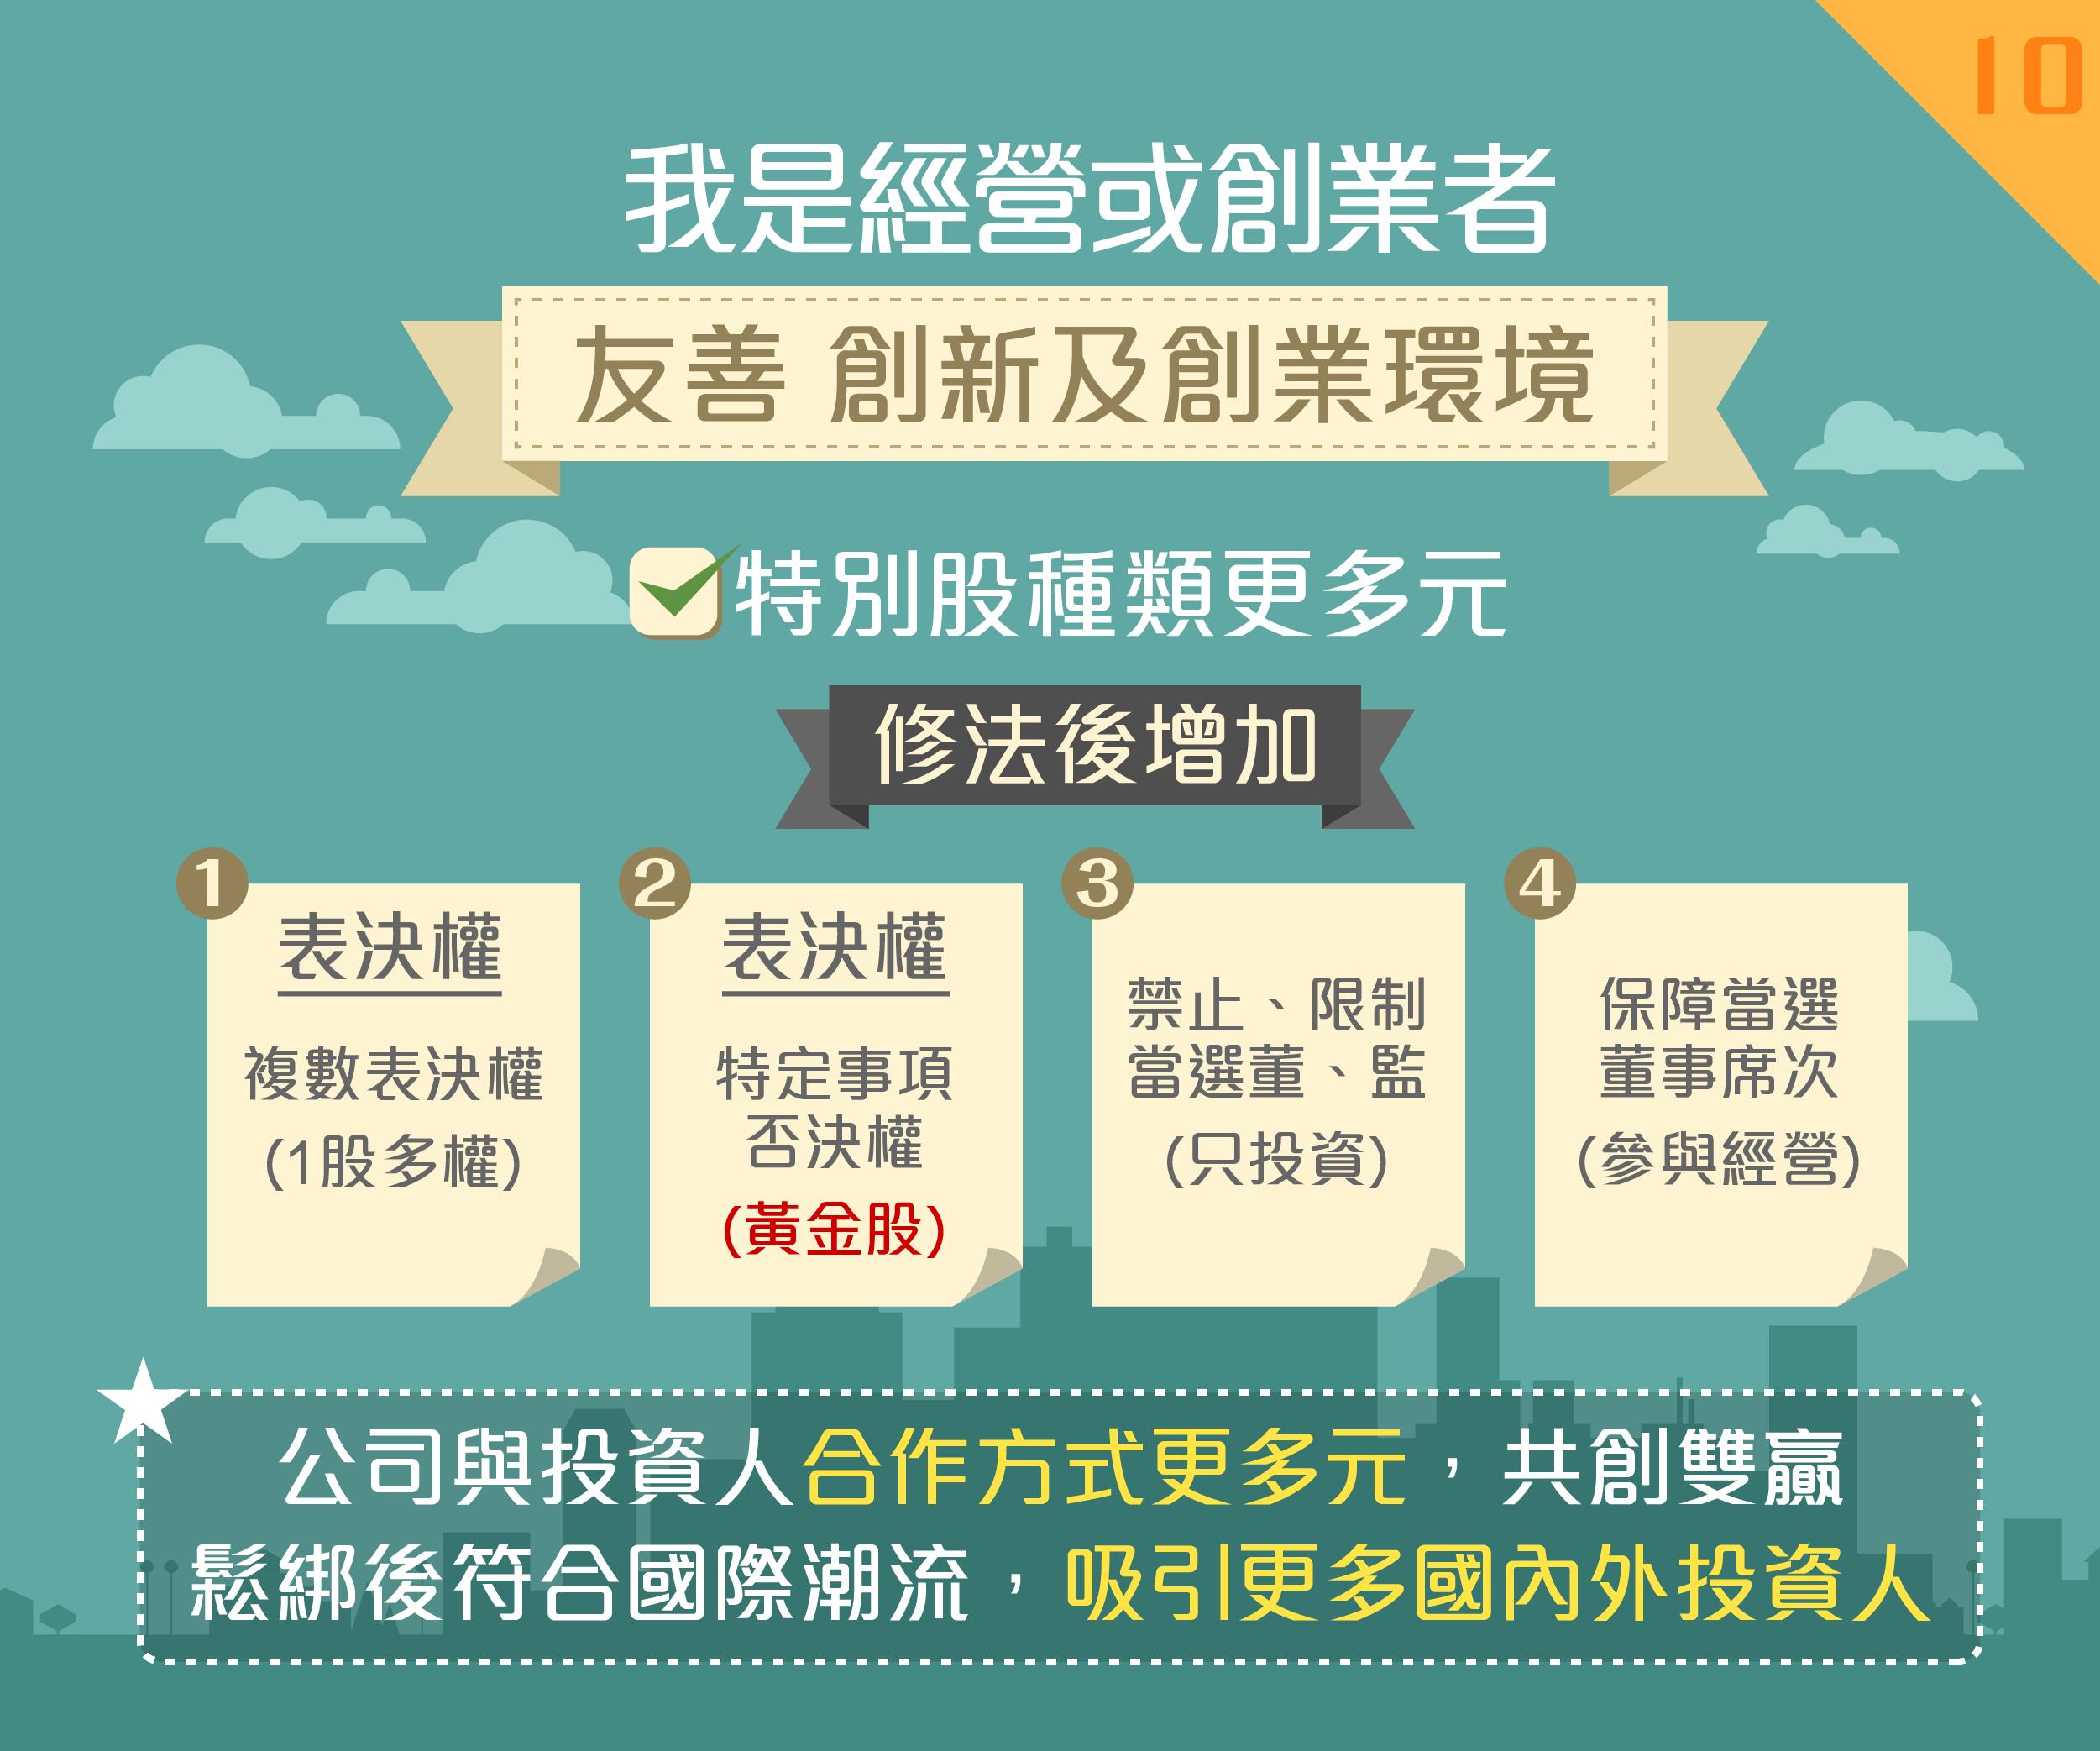 公司法懶人包修改2018-0827-11